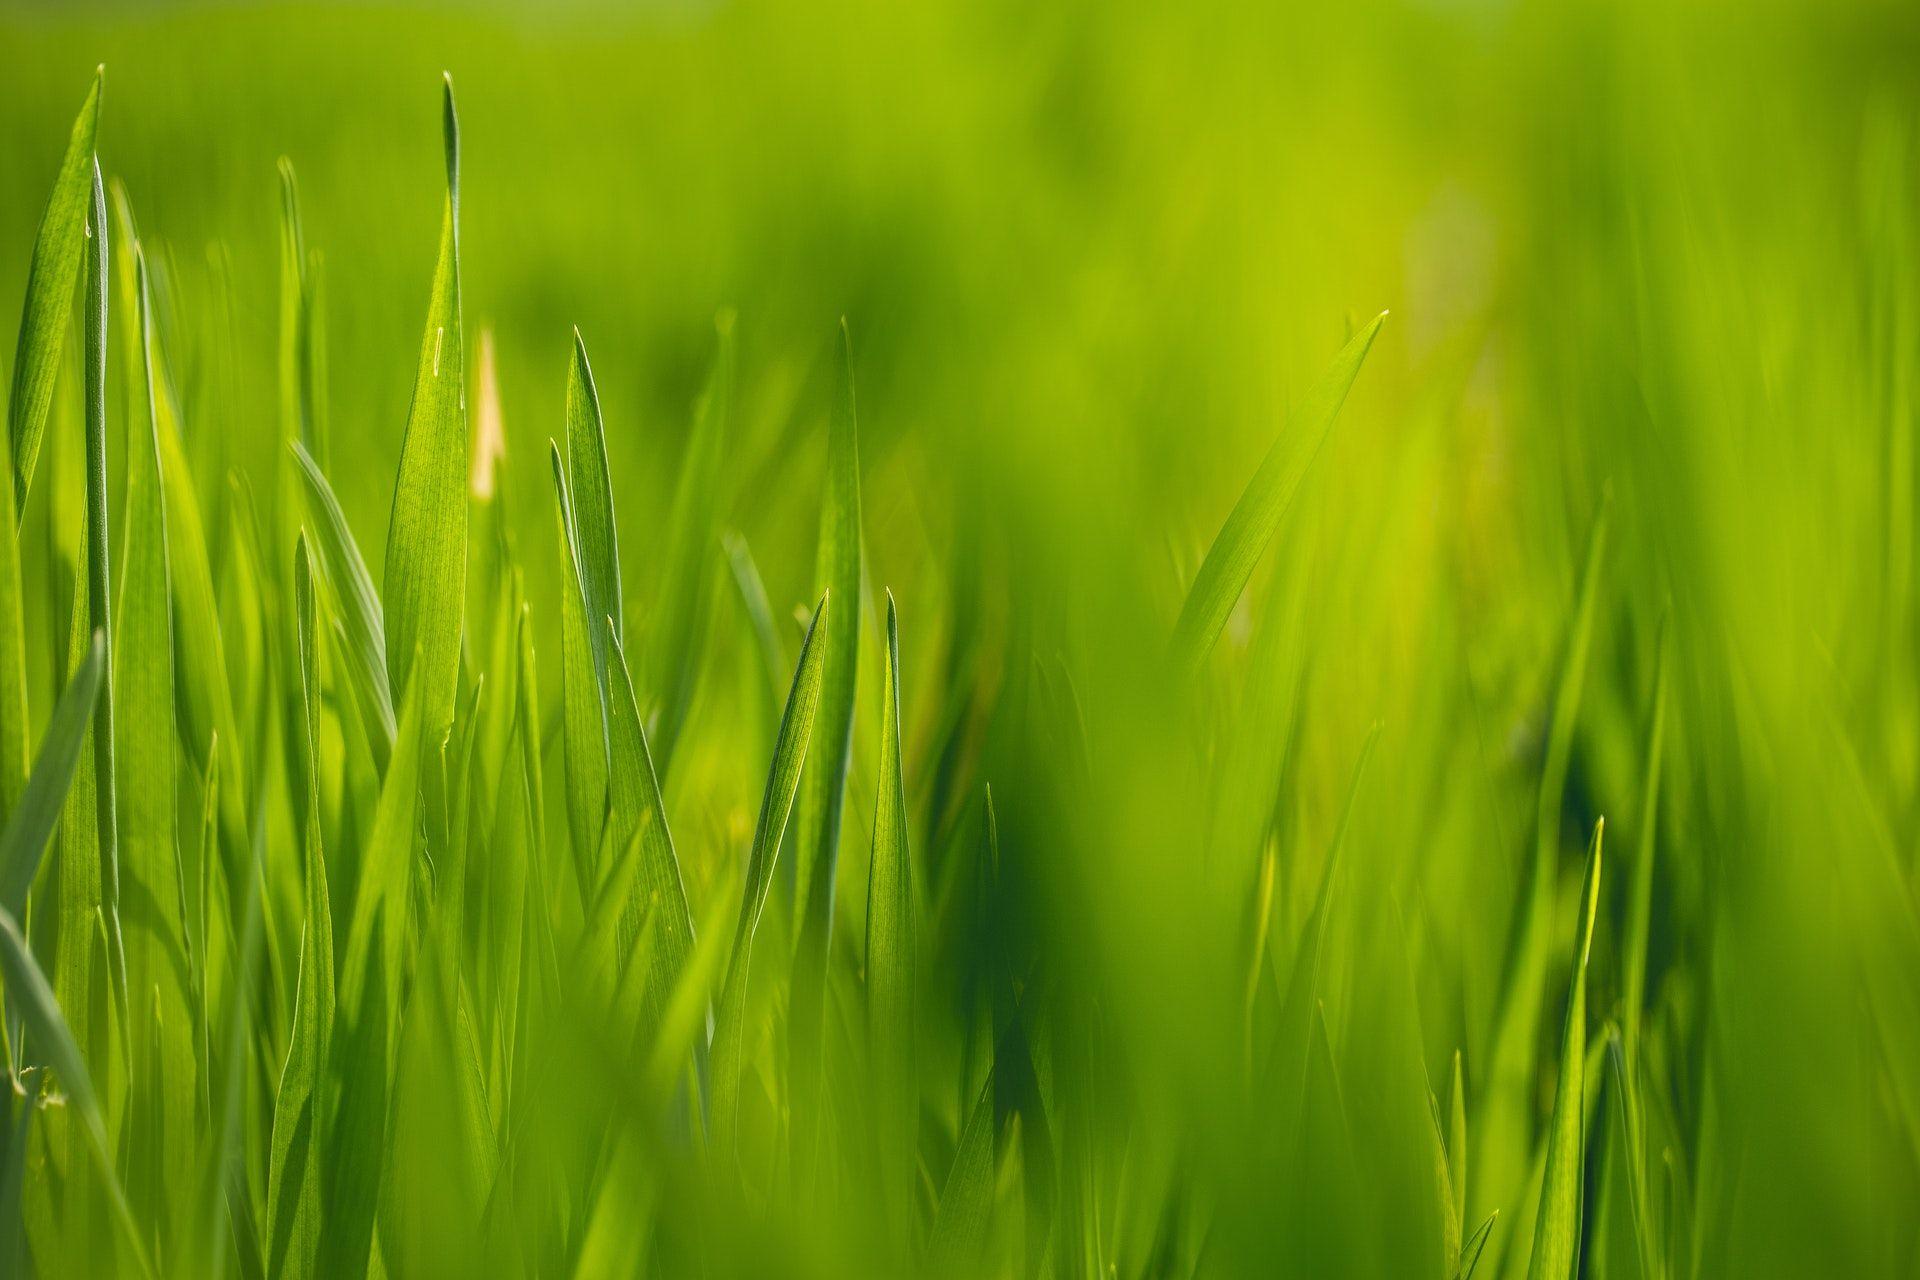 عکس زمینه چمن سبز زیبا پس زمینه